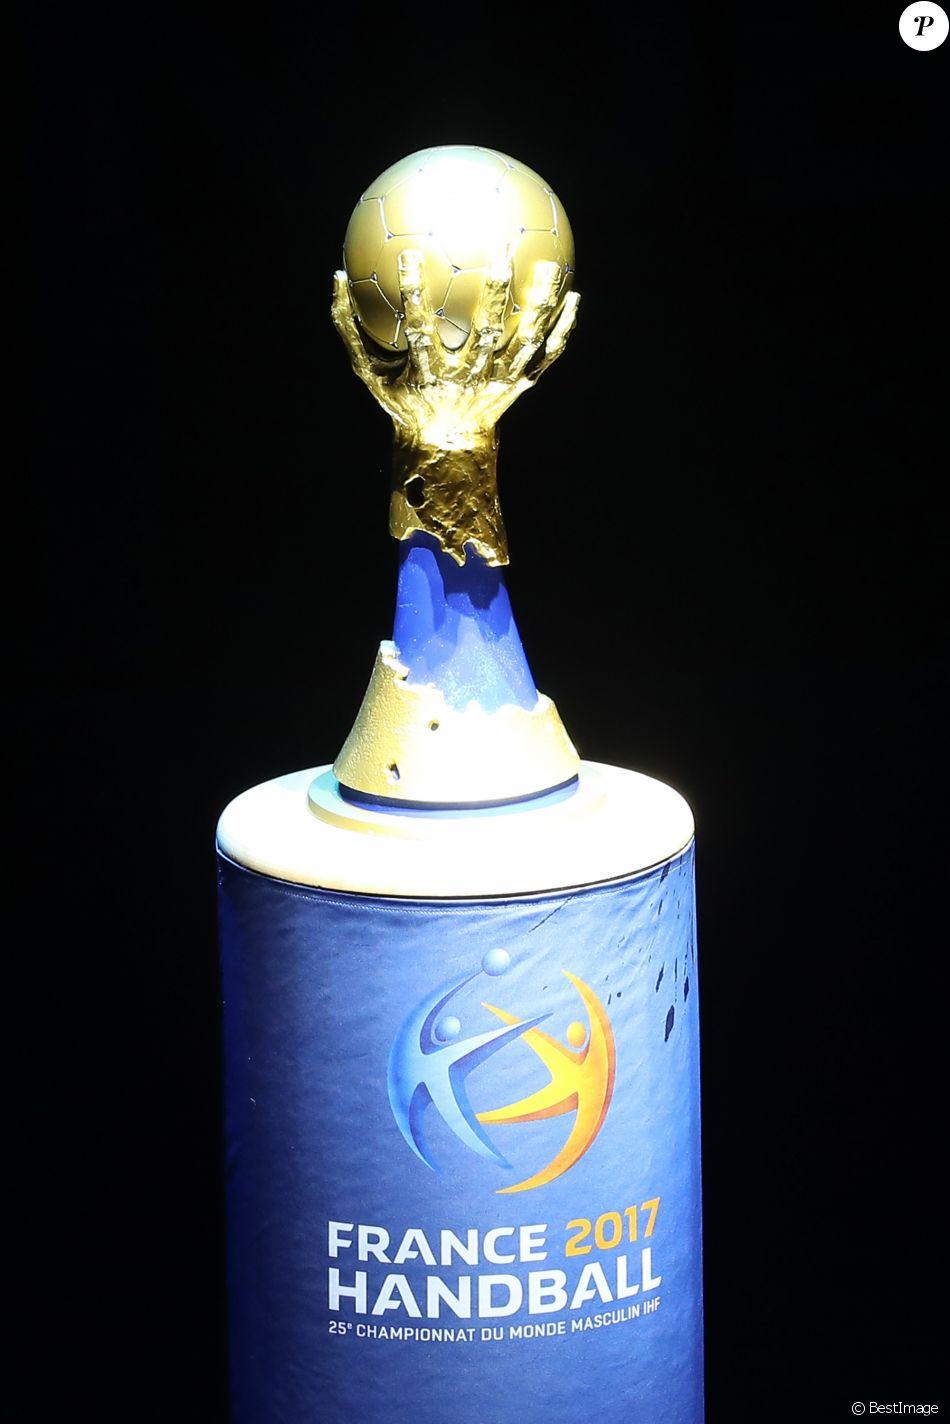 Le troph e du mondial de handball lors du match d - Coupe de monde de handball ...